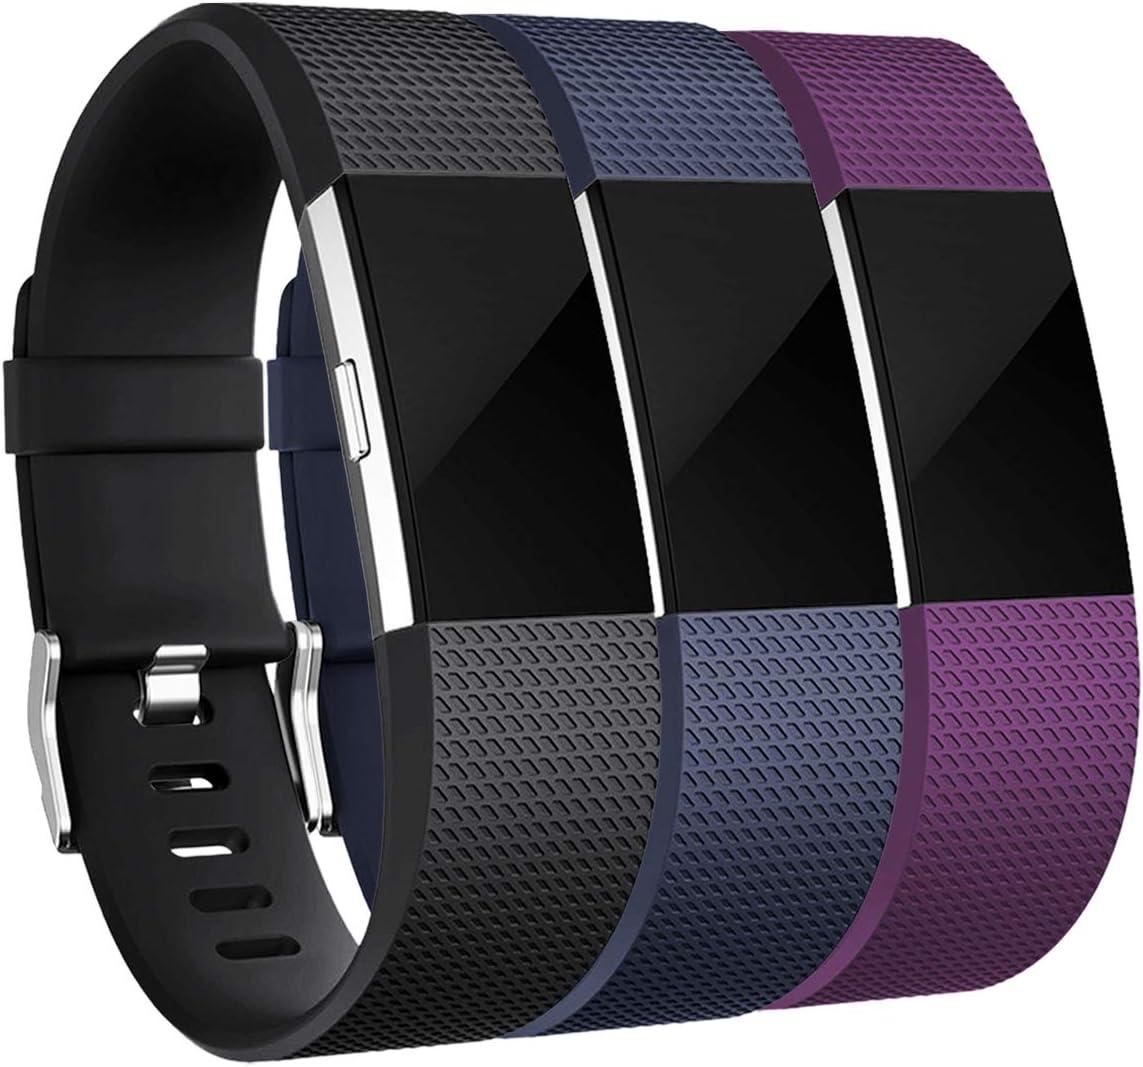 Mallas de reloj Fitbit Charge 2 (3 unidades) talle S